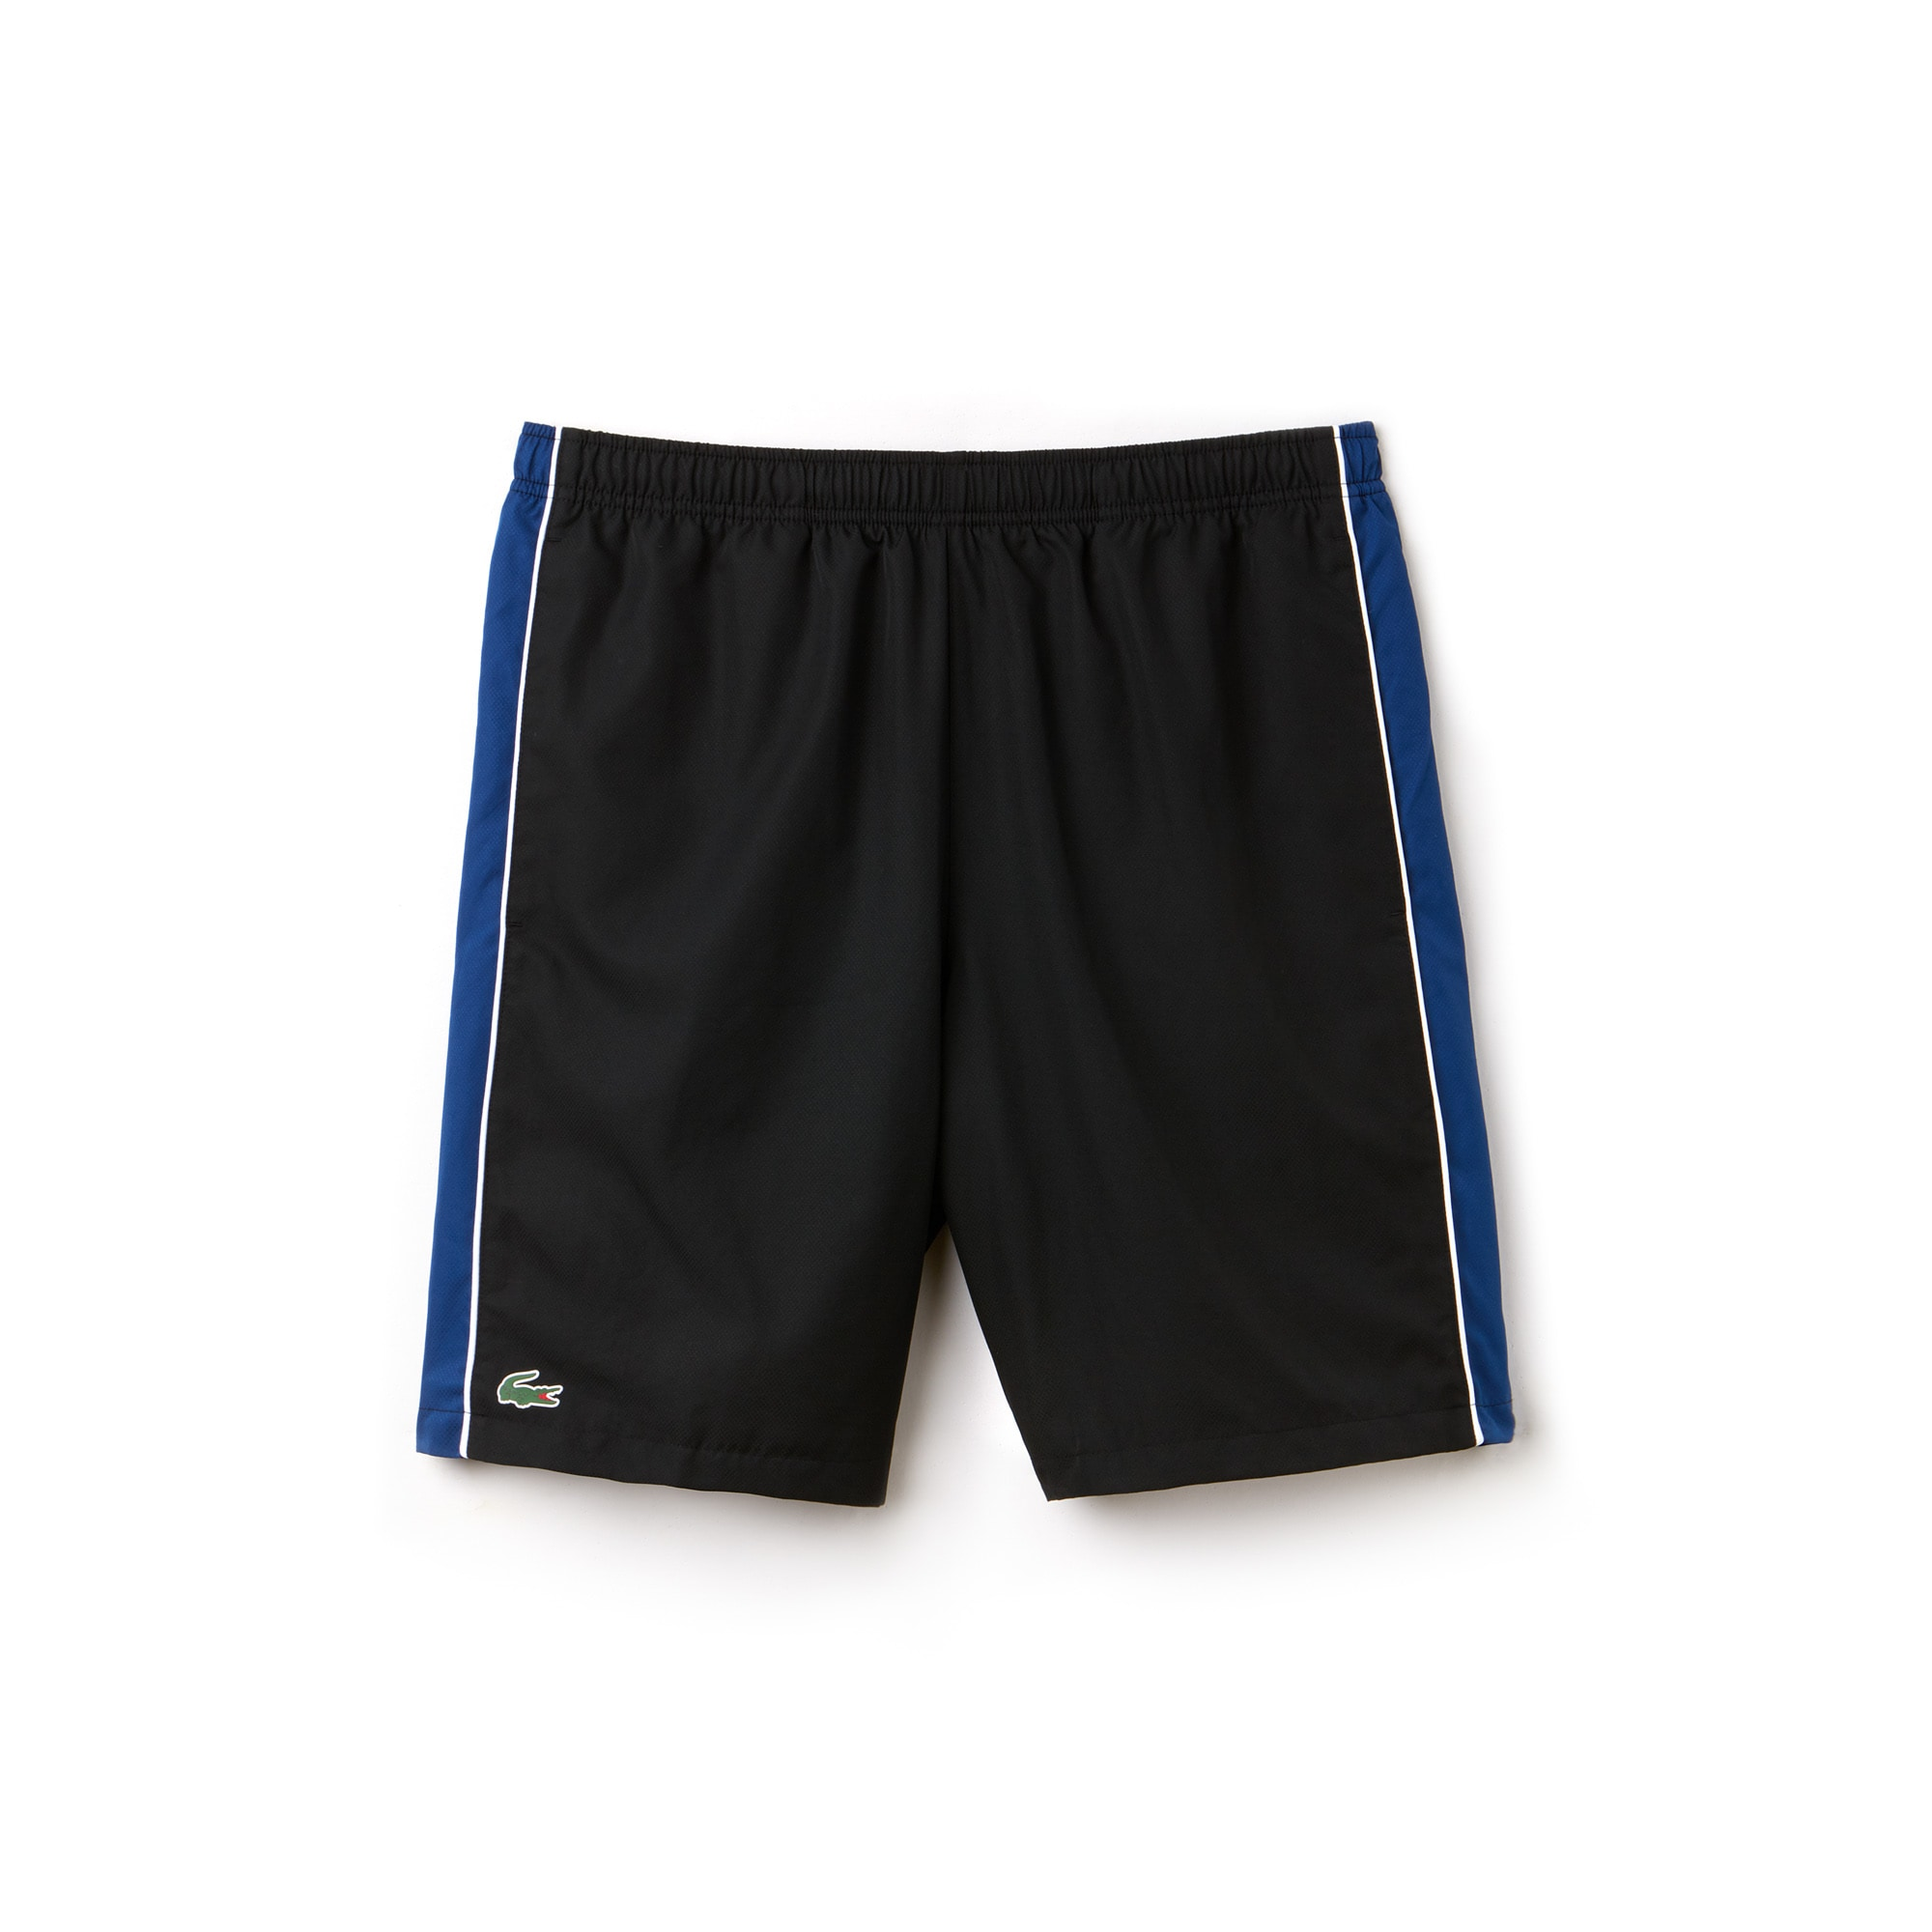 Pantaloncini LACOSTE SPORT COLLEZIONE NOVAK DJOKOVIC in taffetà color block